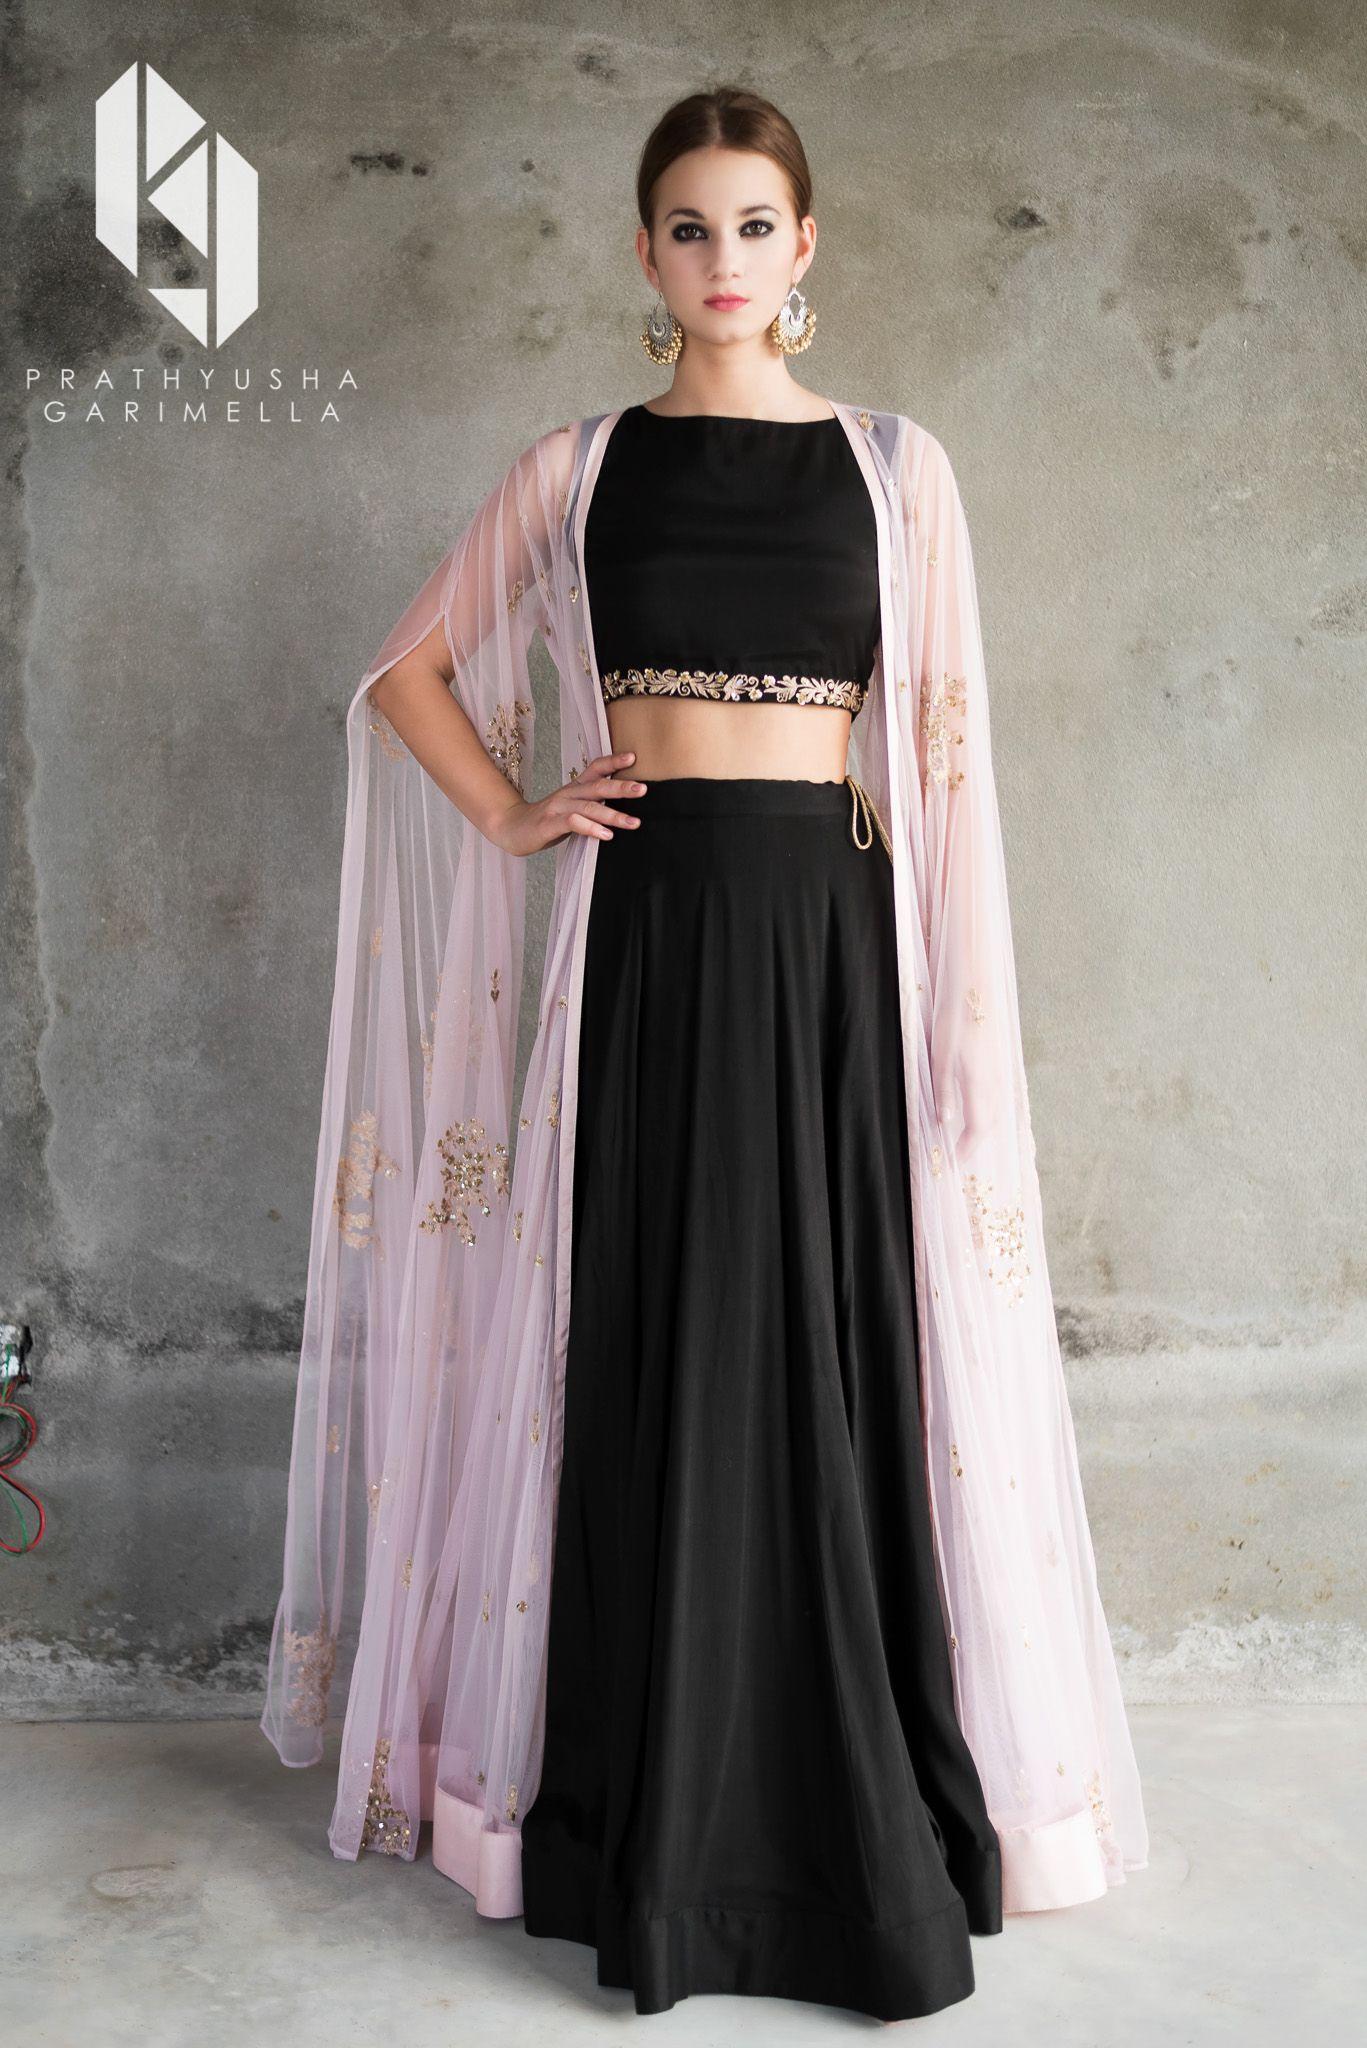 e0a529edd4 Prathyusha Garimella collection Bollywood Fashion, Bollywood Jewelry,  Abayas, Designer Indian Dresses, Ethnic